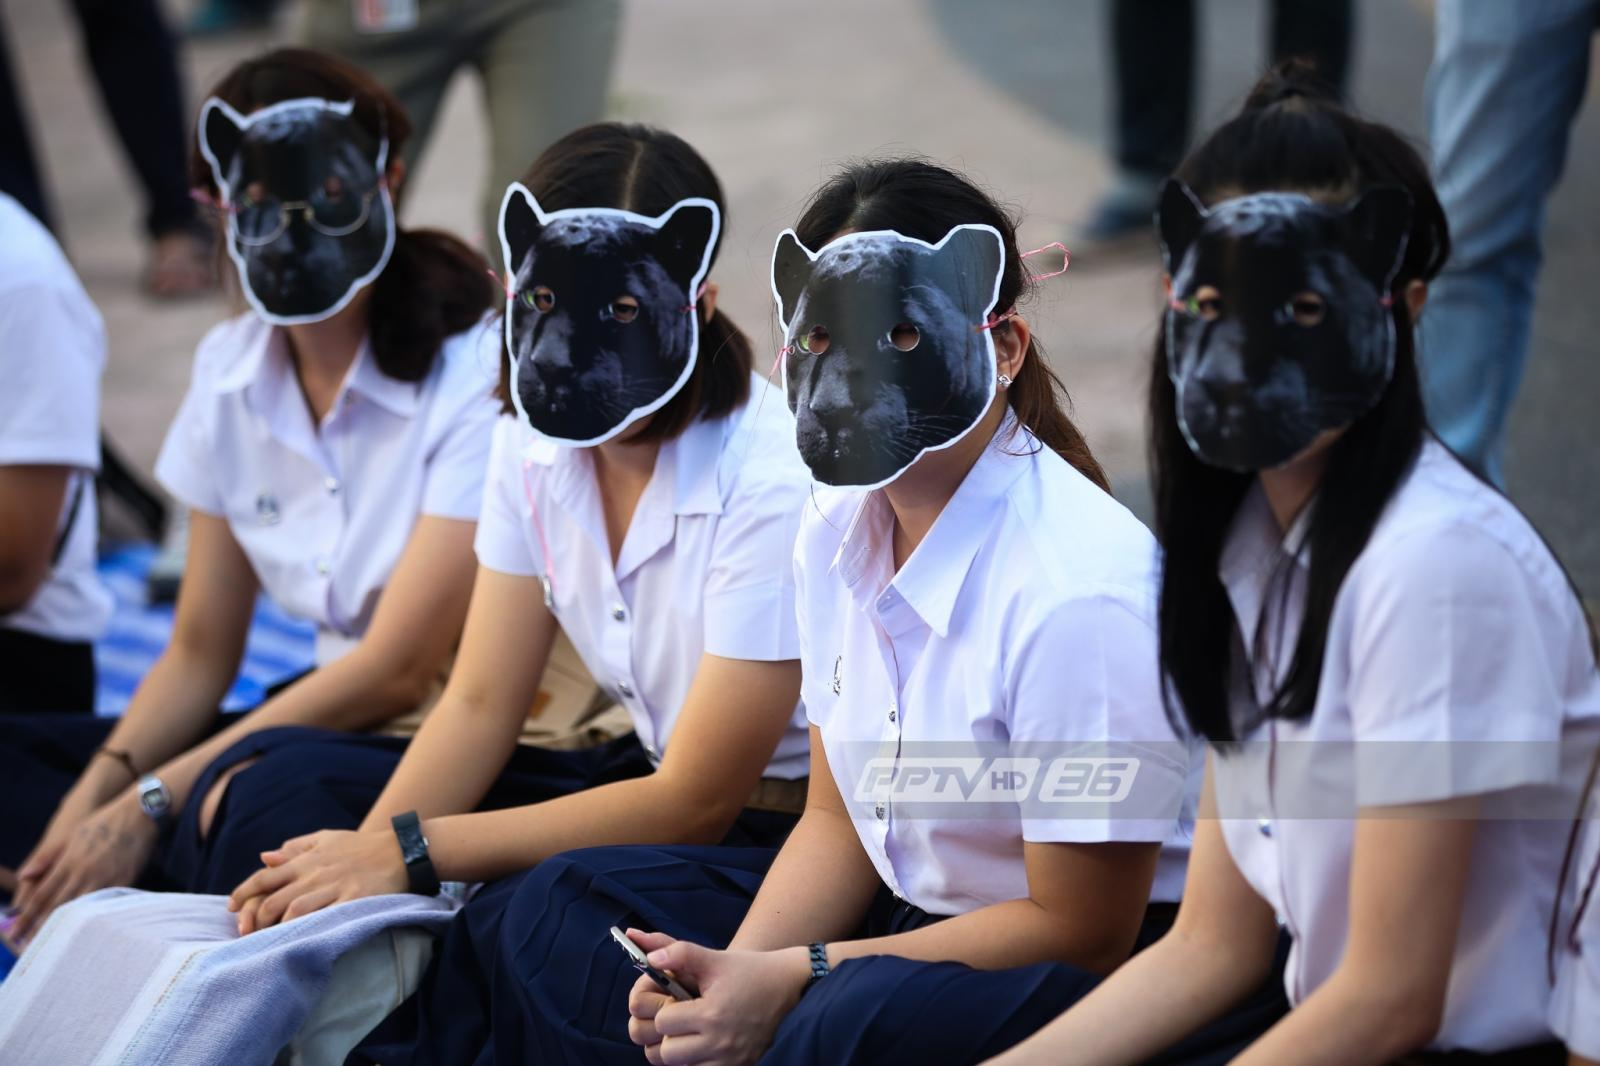 นิสิตจุฬาฯสวมหน้ากากเสือดำ แสดงจุดยืนสัตว์ทุ่งใหญ่ต้องไม่ตายฟรี